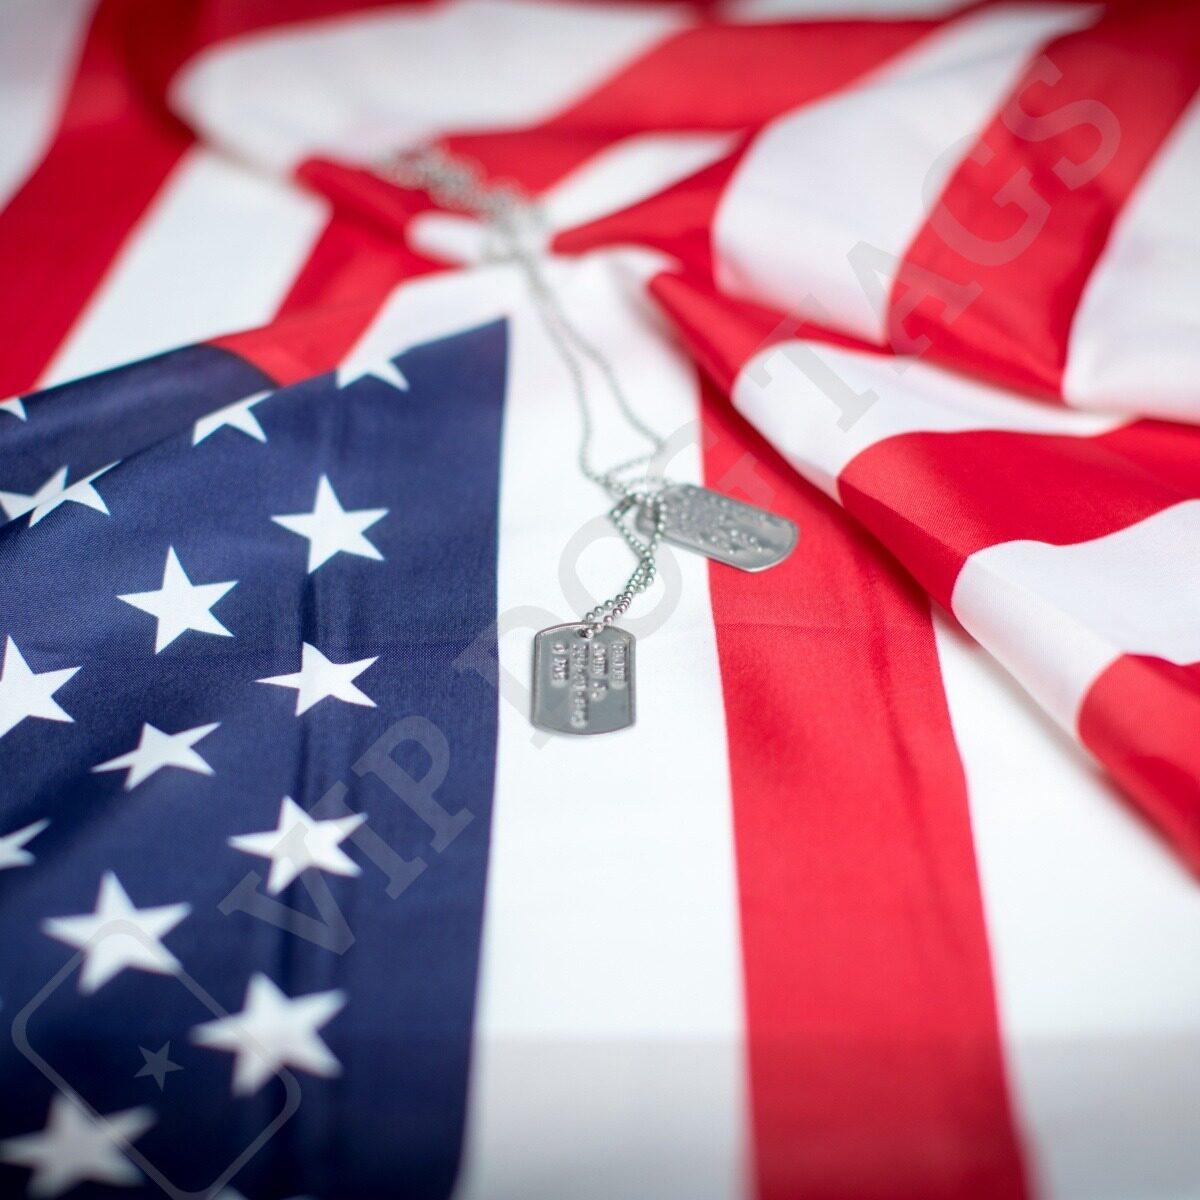 us_dogtags_mini_dull_finish_USA_flag